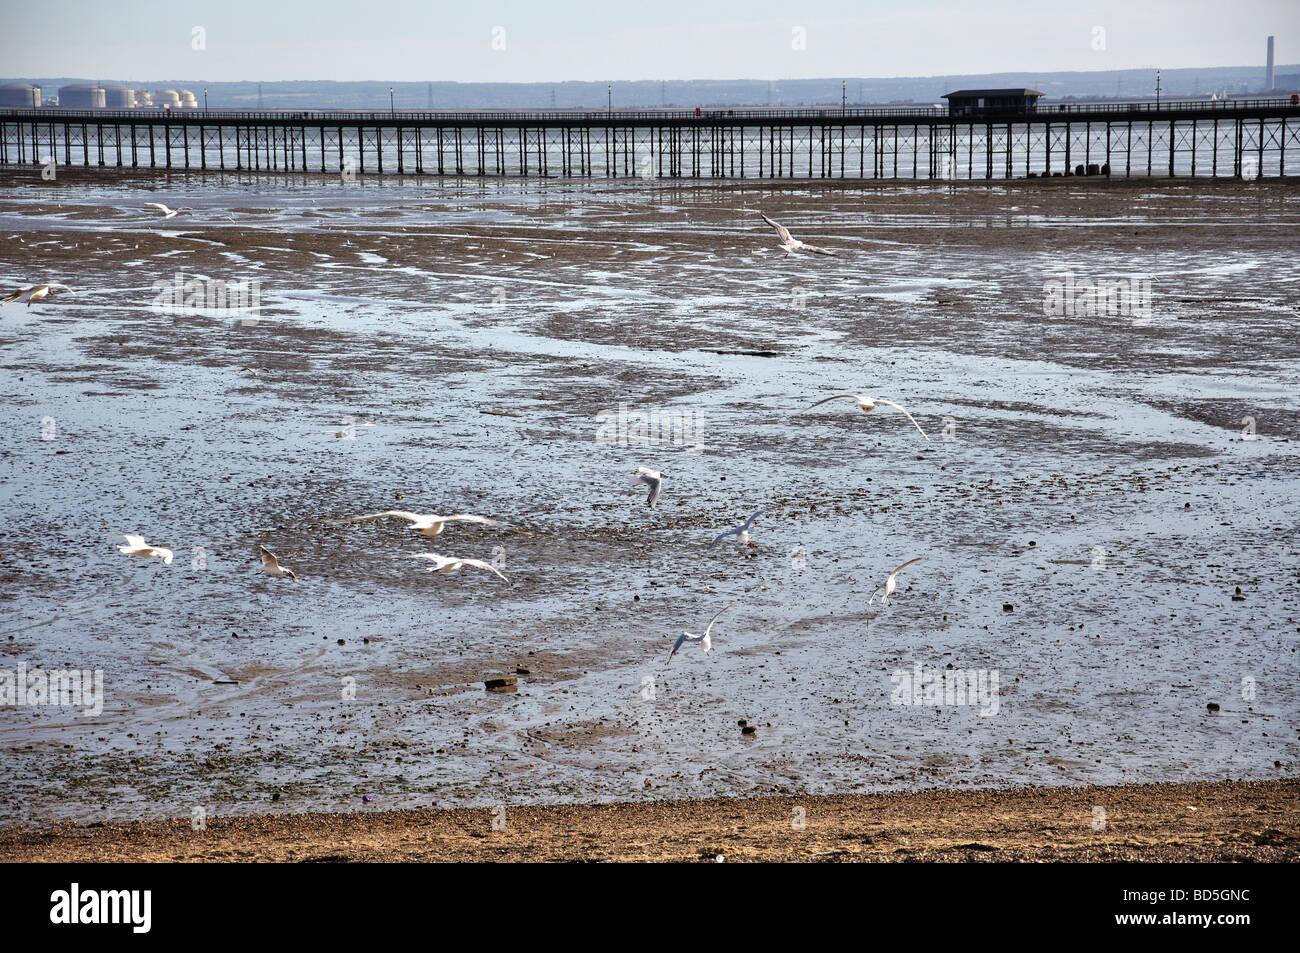 Southend Pier, Southend-on-Sea, Essex, England, United Kingdom - Stock Image